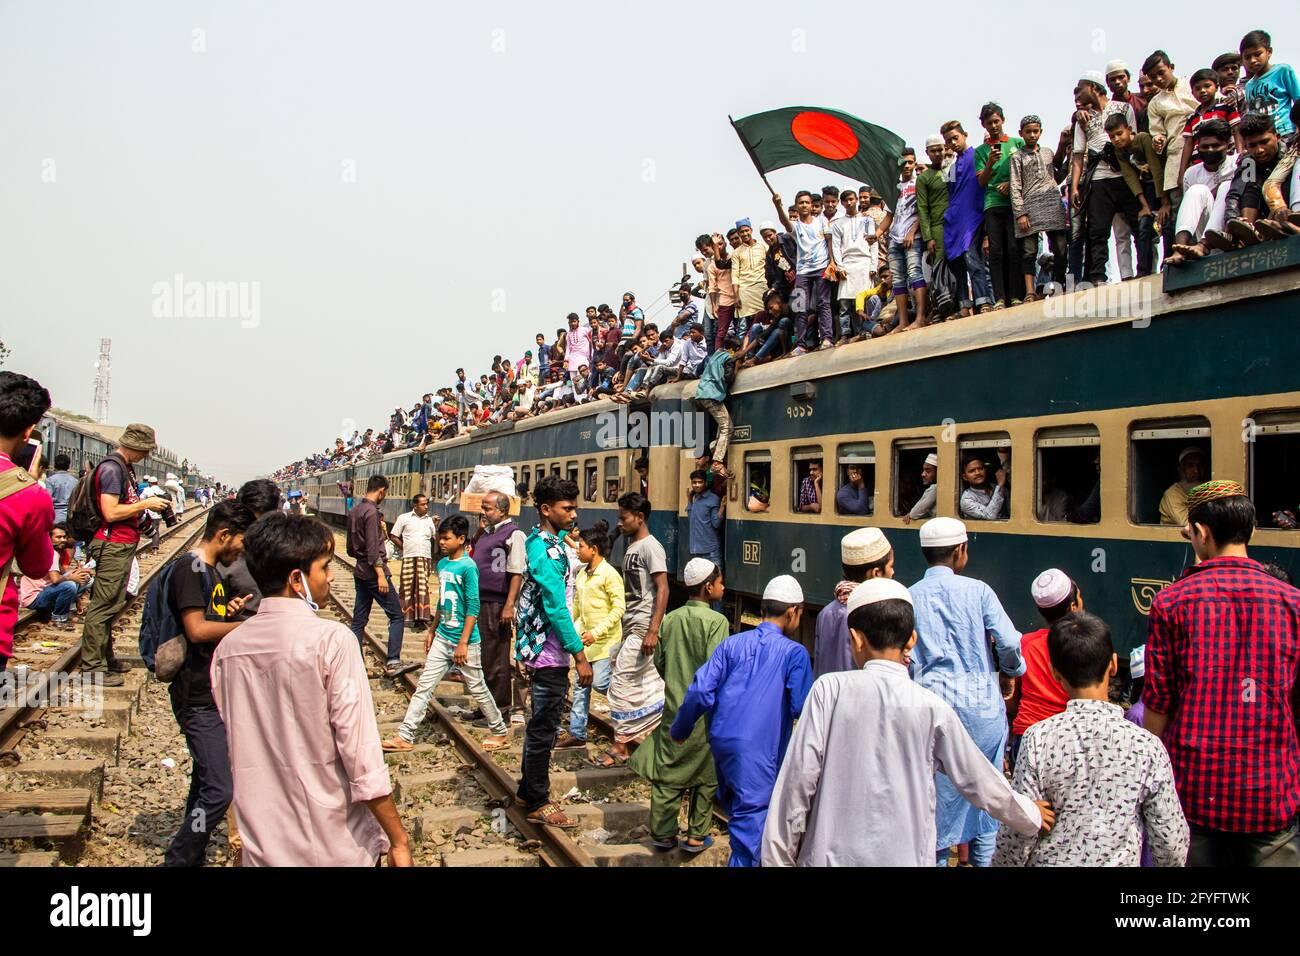 Voyage risqué en train J'ai pris cette photo le 19 février 2019 de la gare de Tonggi, Dhaka, Bangladesh, Asie du Sud Banque D'Images